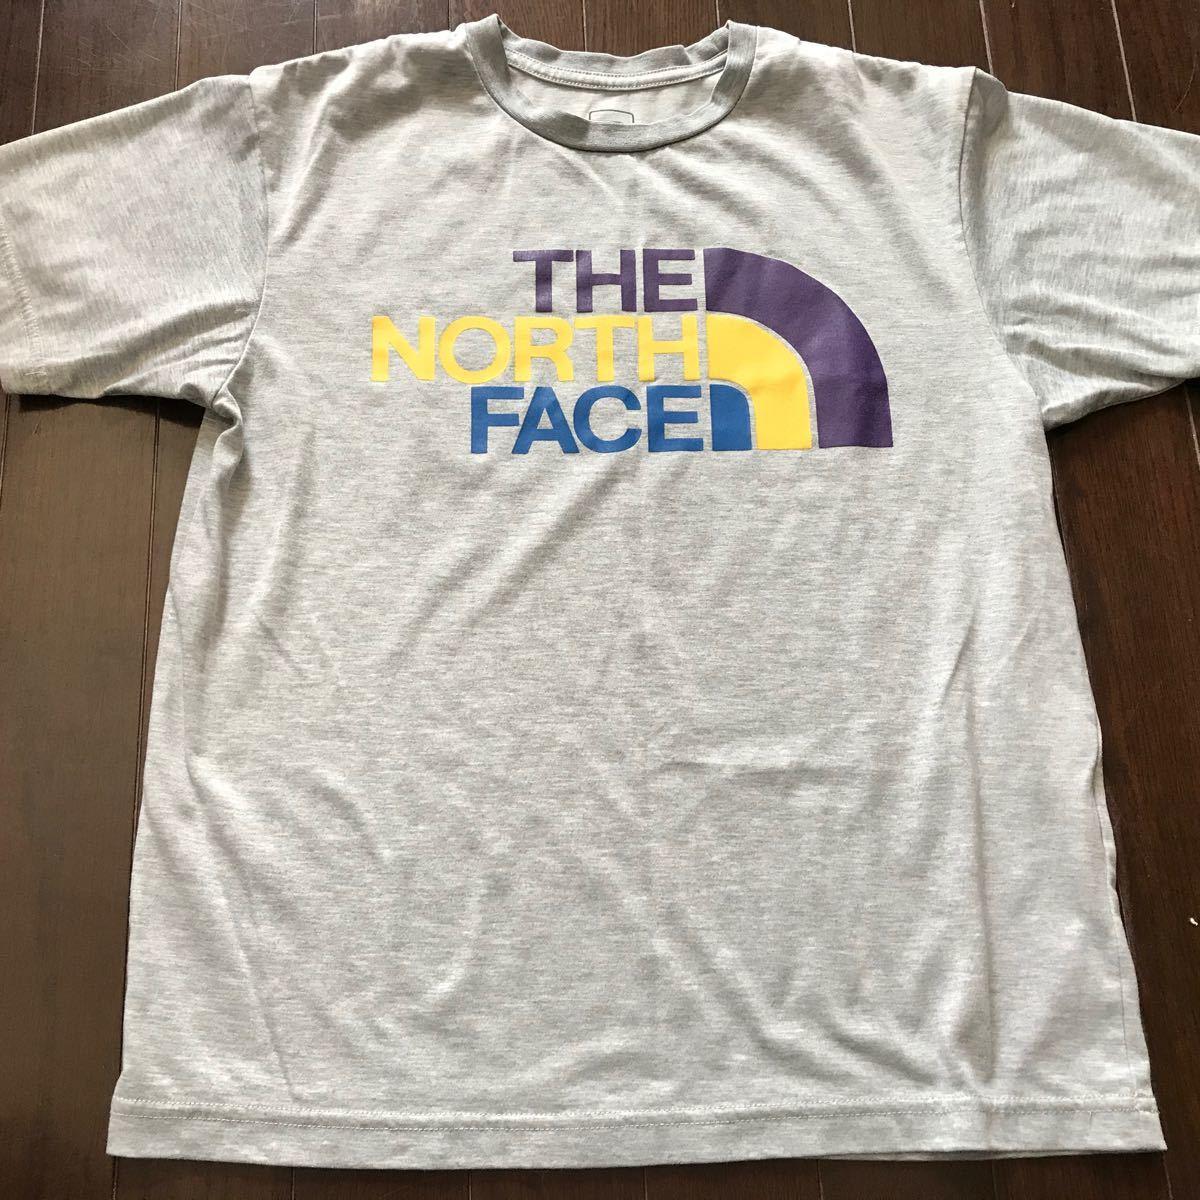 THE NORTH FACE ザノースフェイス 半袖TシャツSグレー美品